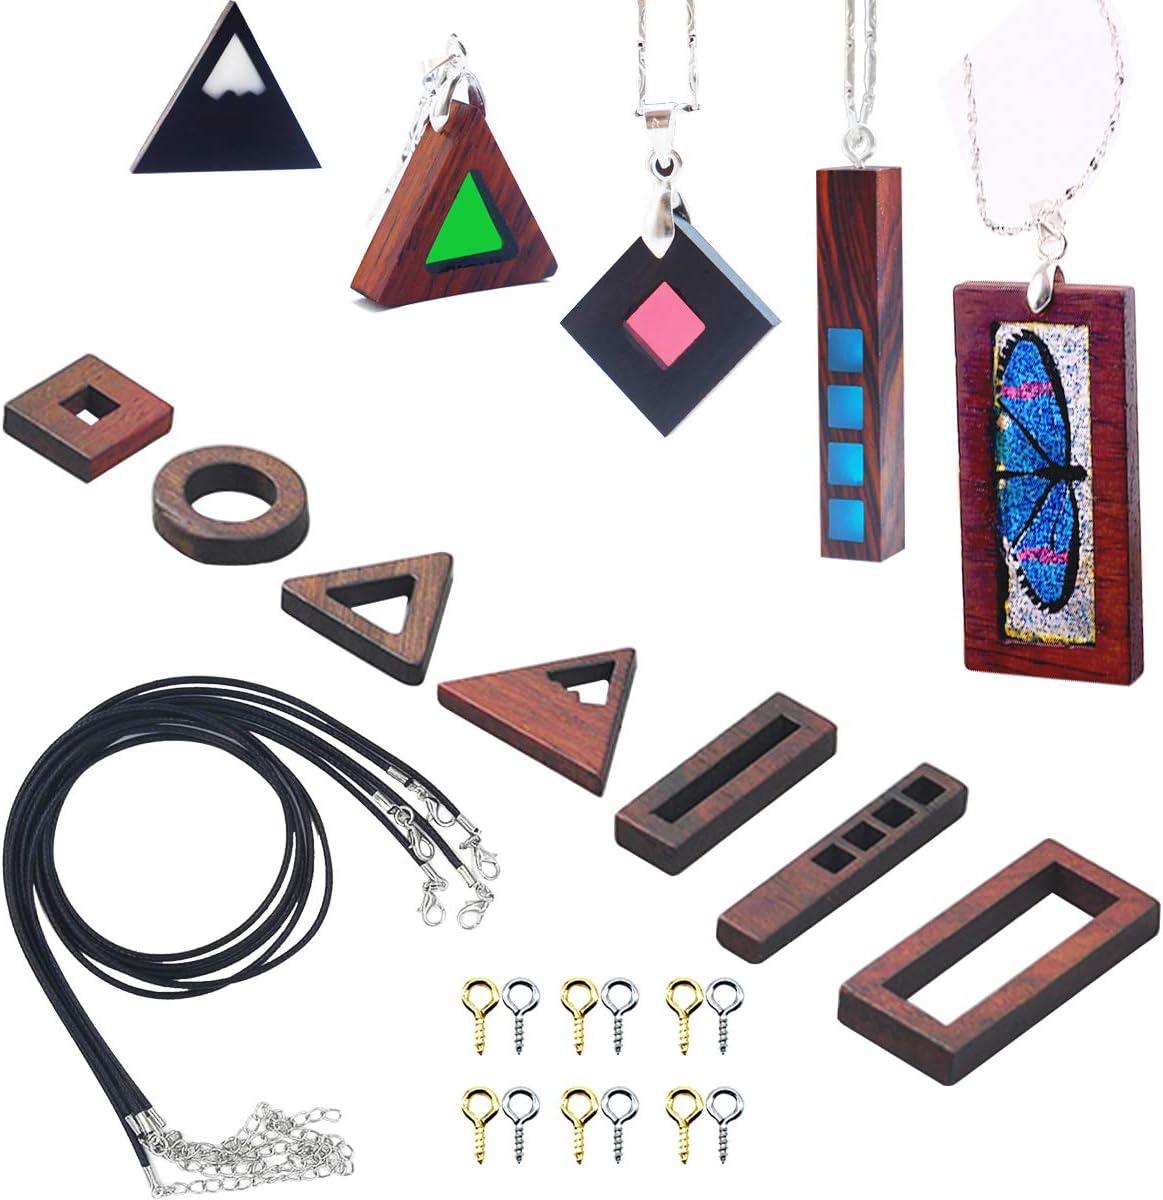 pendant Wooden ring earrings pendant for gift  Handmade wood resin jewelry Wood resin jewelry set Wooden jewelry set Resin ring earrings